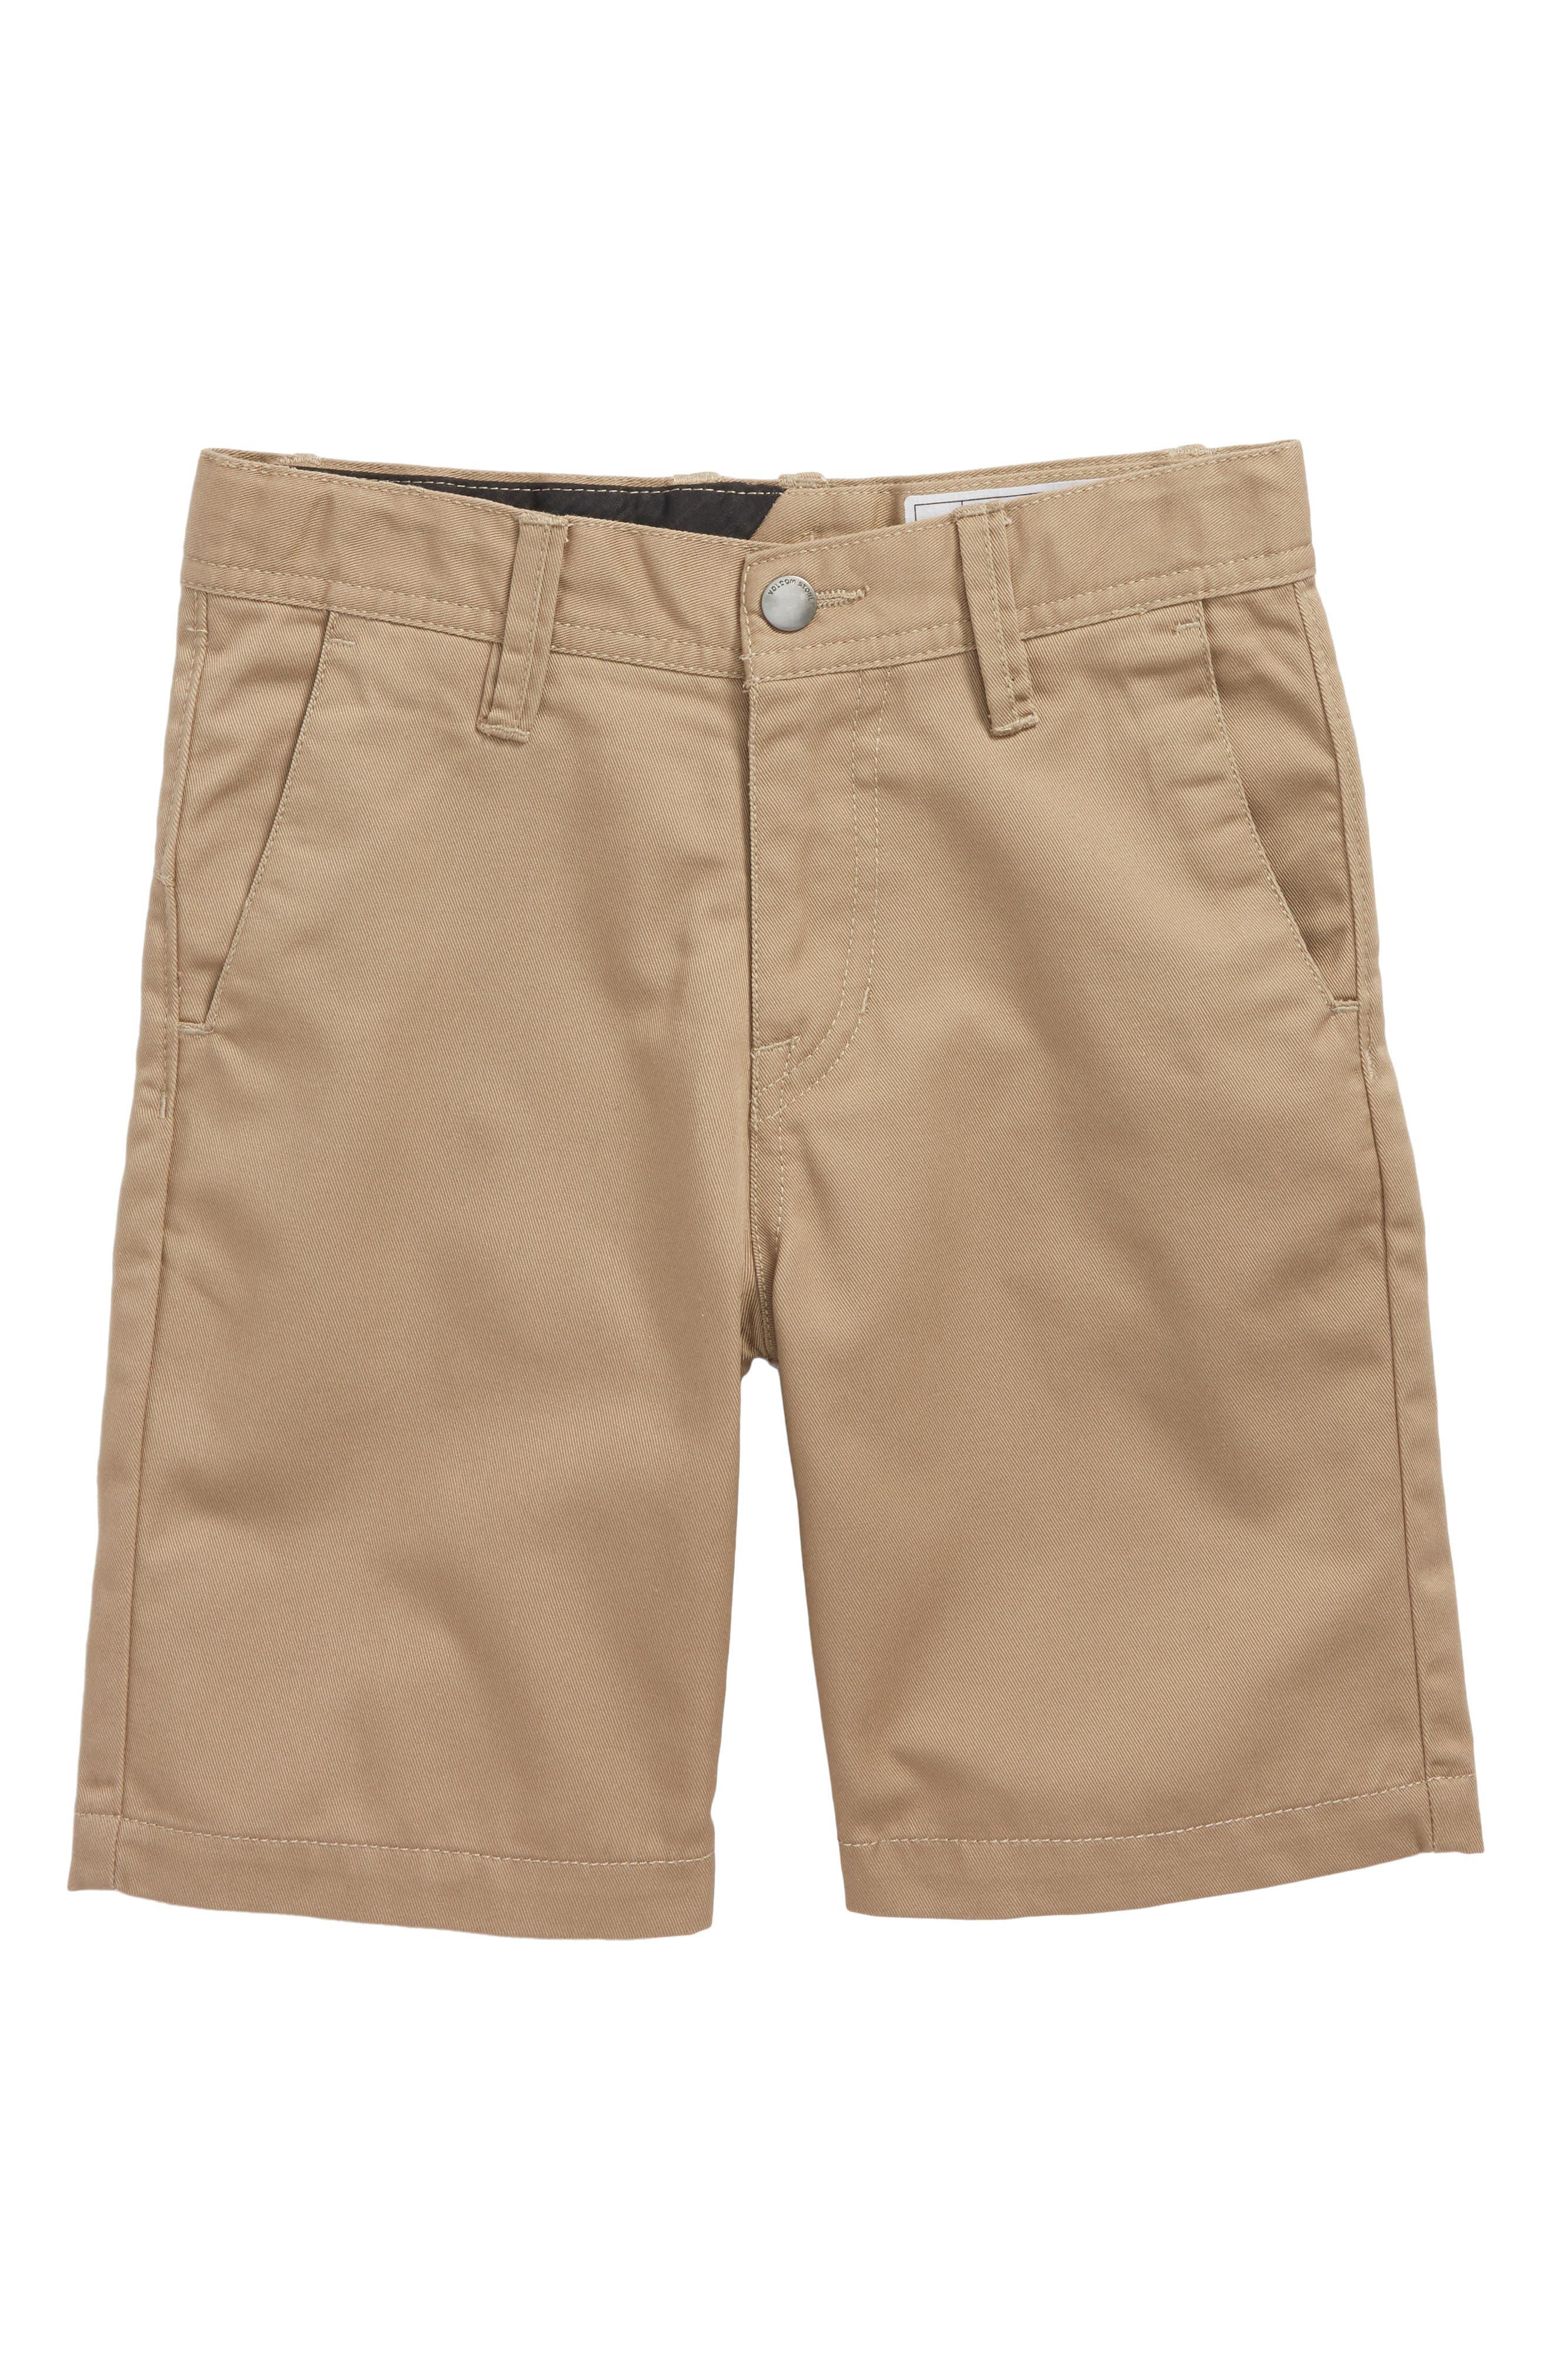 Chino Shorts,                             Main thumbnail 1, color,                             KHAKI